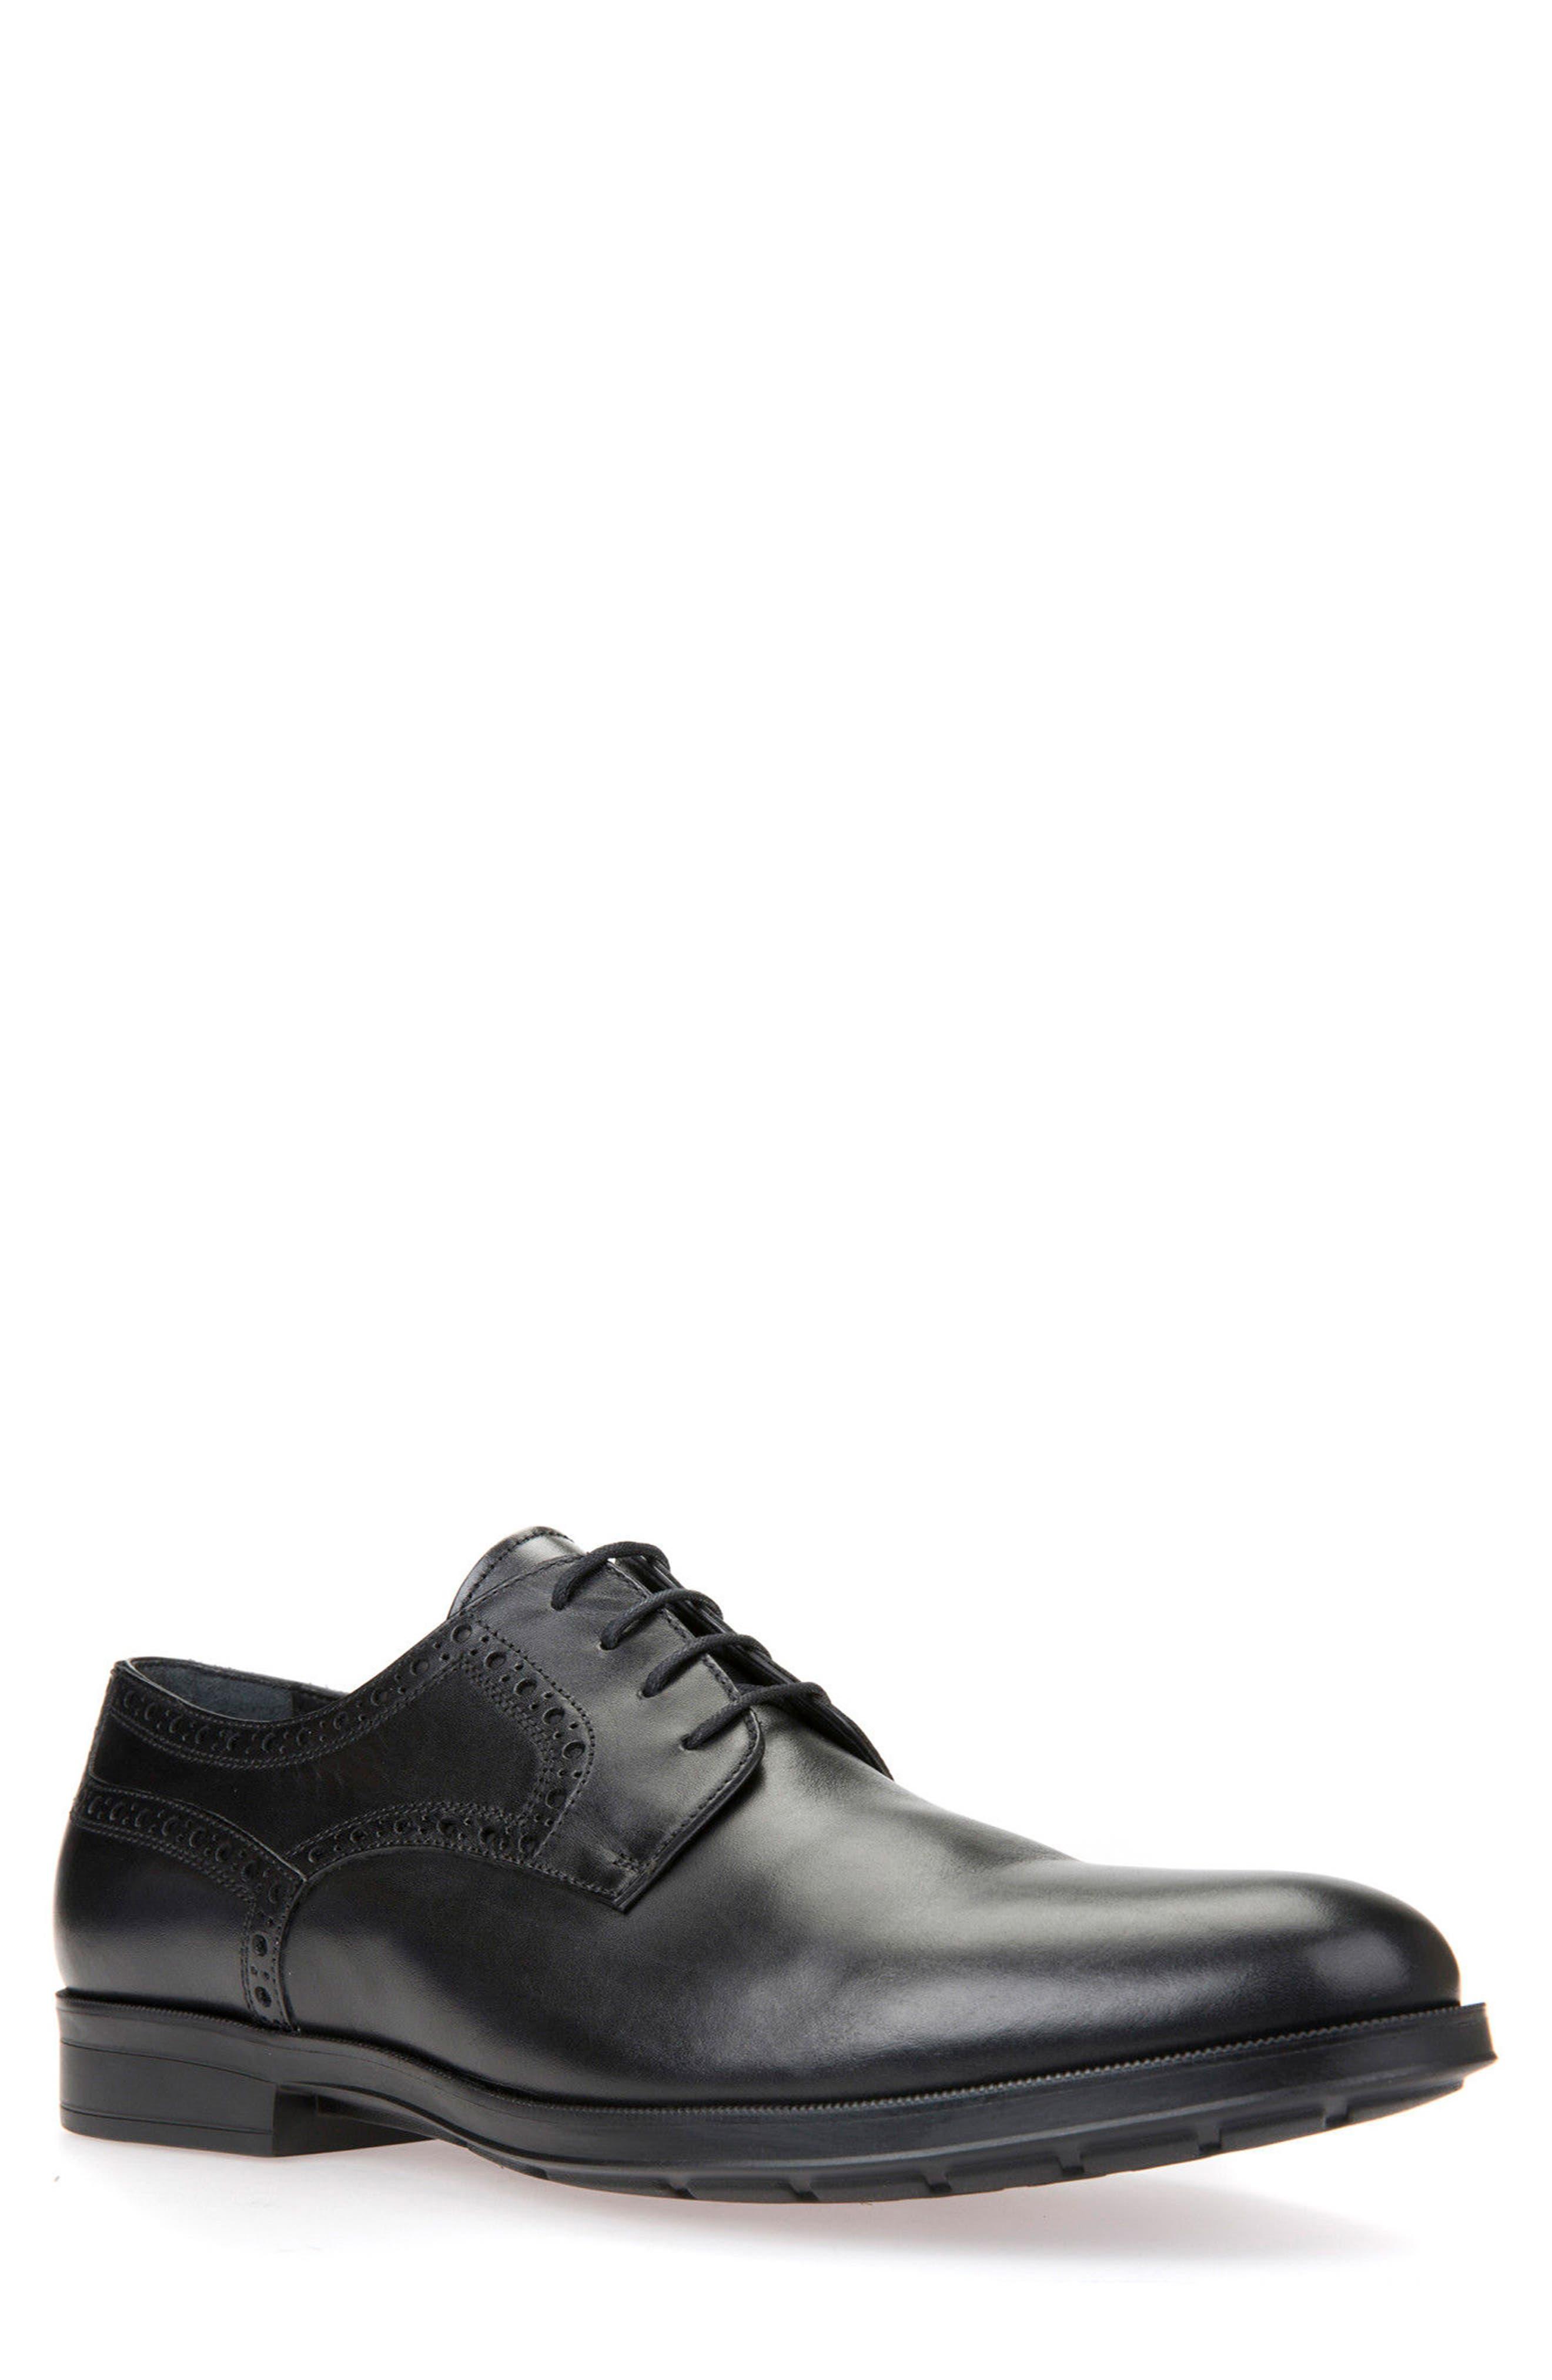 Hilstone 3 Plain Toe Derby,                         Main,                         color, Black Leather